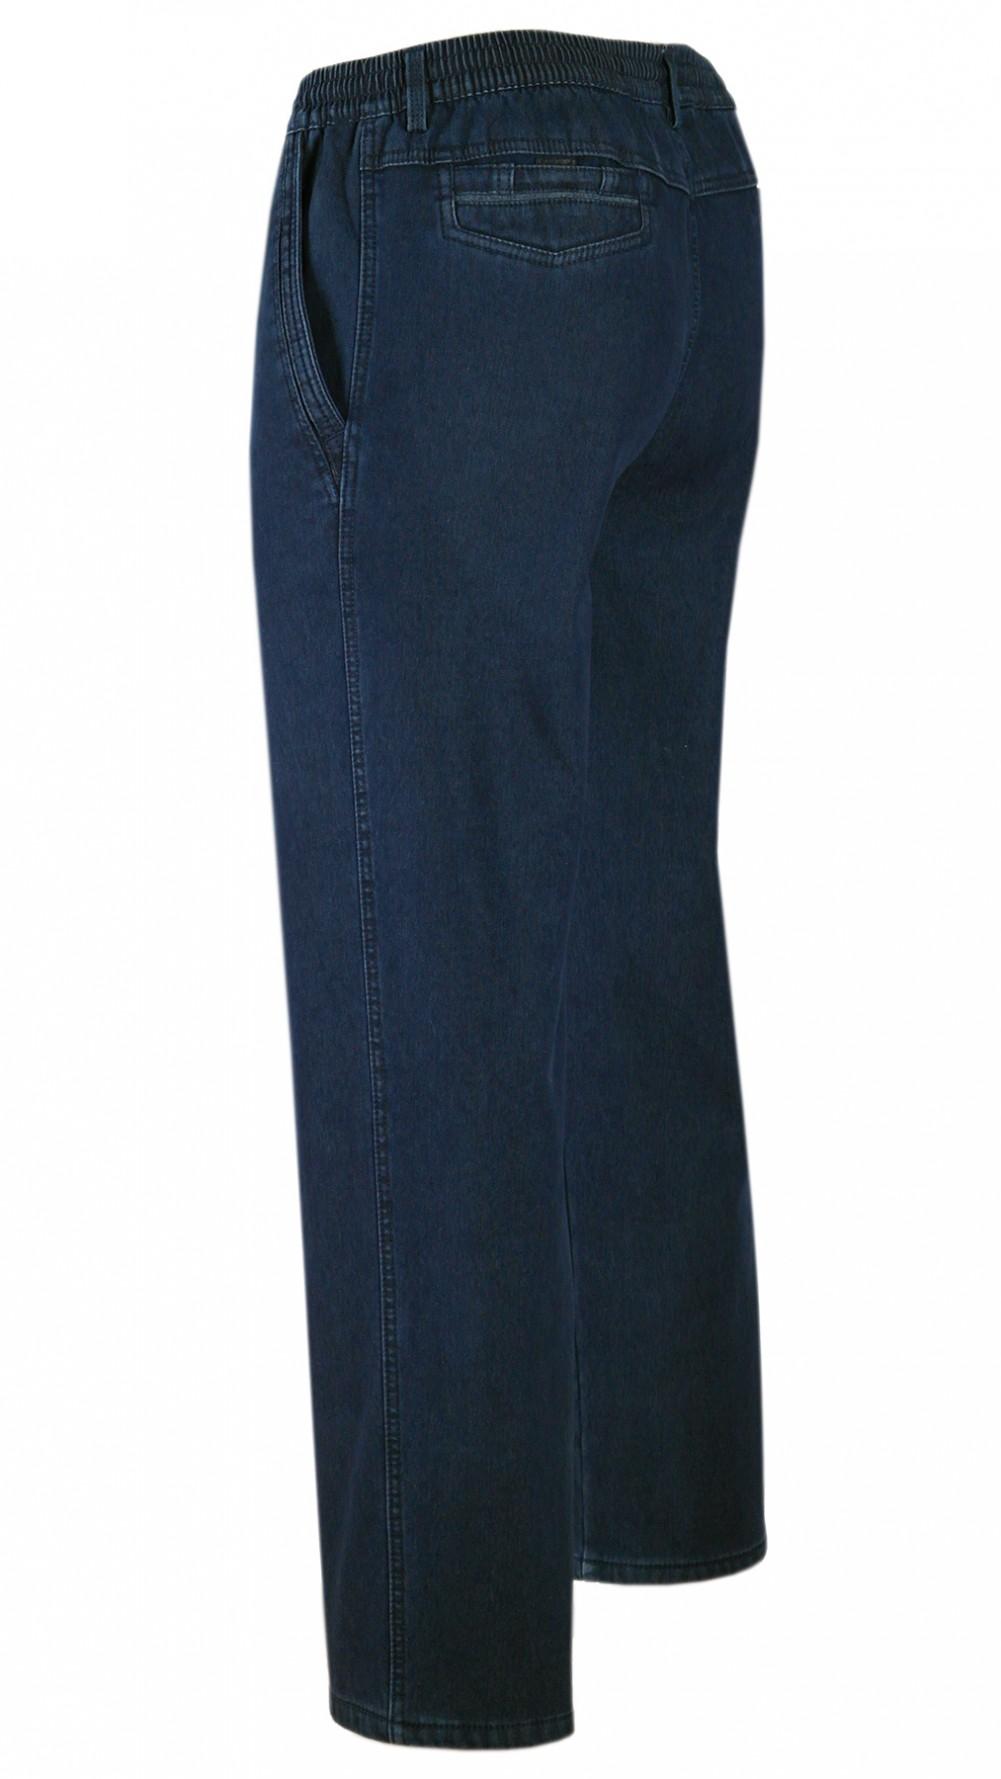 tretch-Thermo-Jeans Schlupfhose ohne Cargo-Taschen - Dunkelblau/Seitenansicht